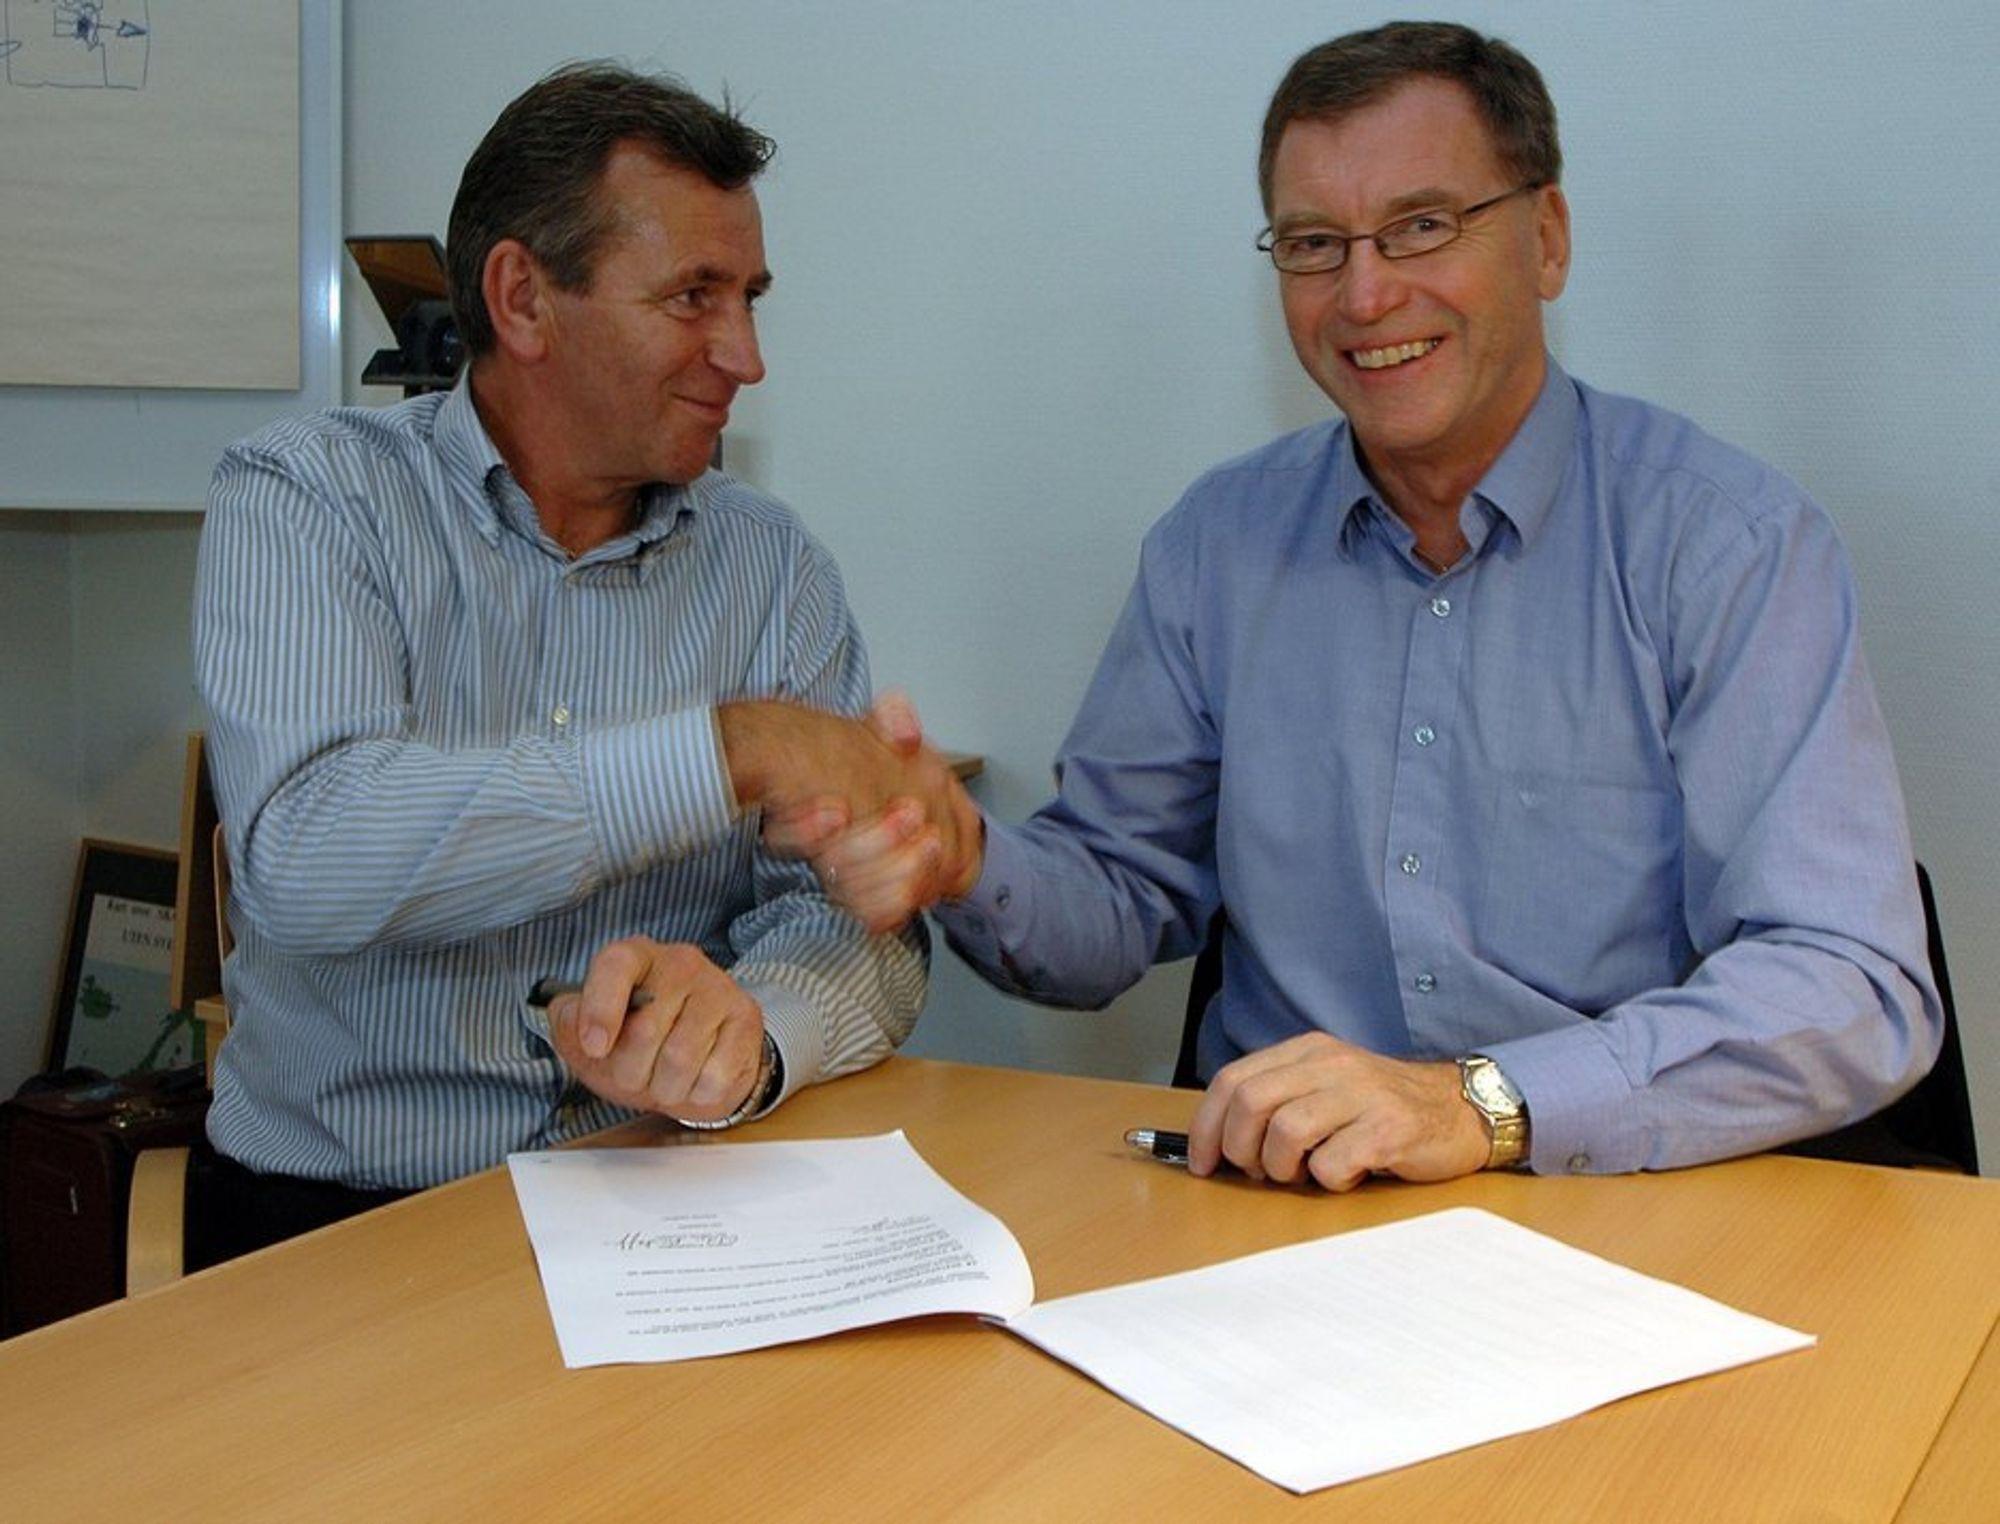 I BOKS: Oddvar Kristoffersen, til venstre, og Terje Andersen i AnoxKaldnes regner med å styrke begge bedriftene etter oppkjøpet.